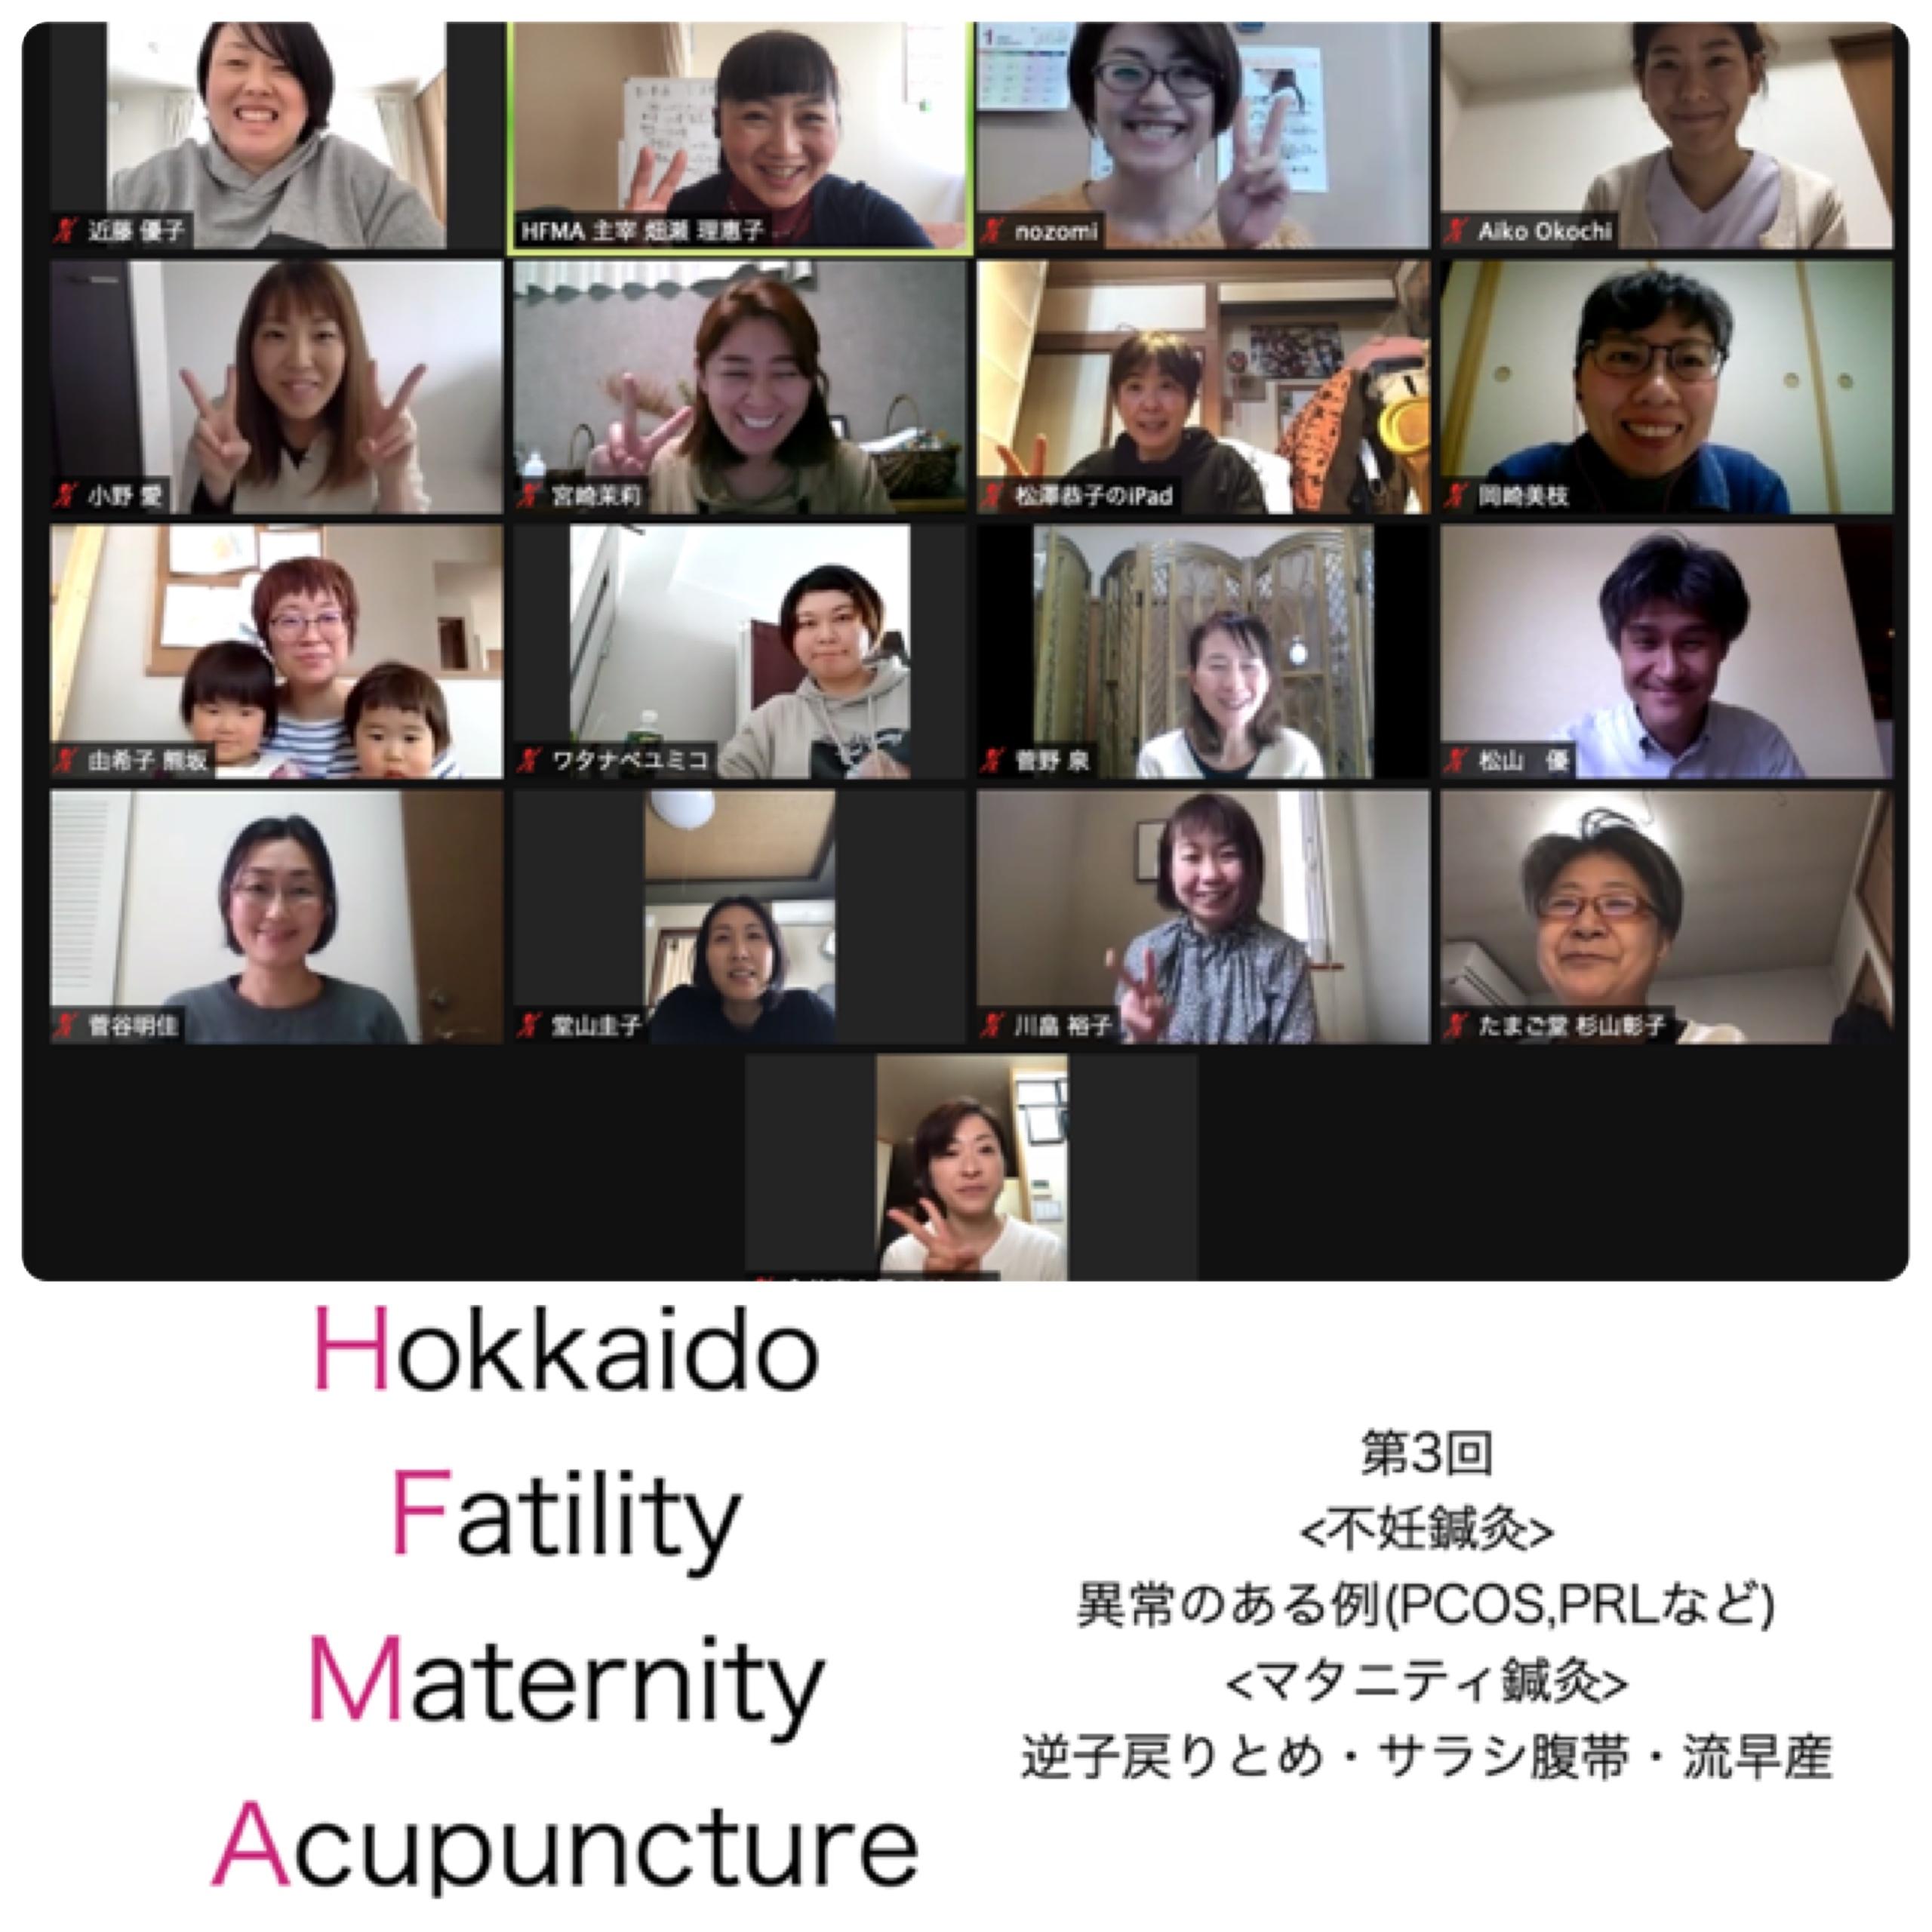 HFMA 畑瀬式不妊妊婦鍼灸研修会